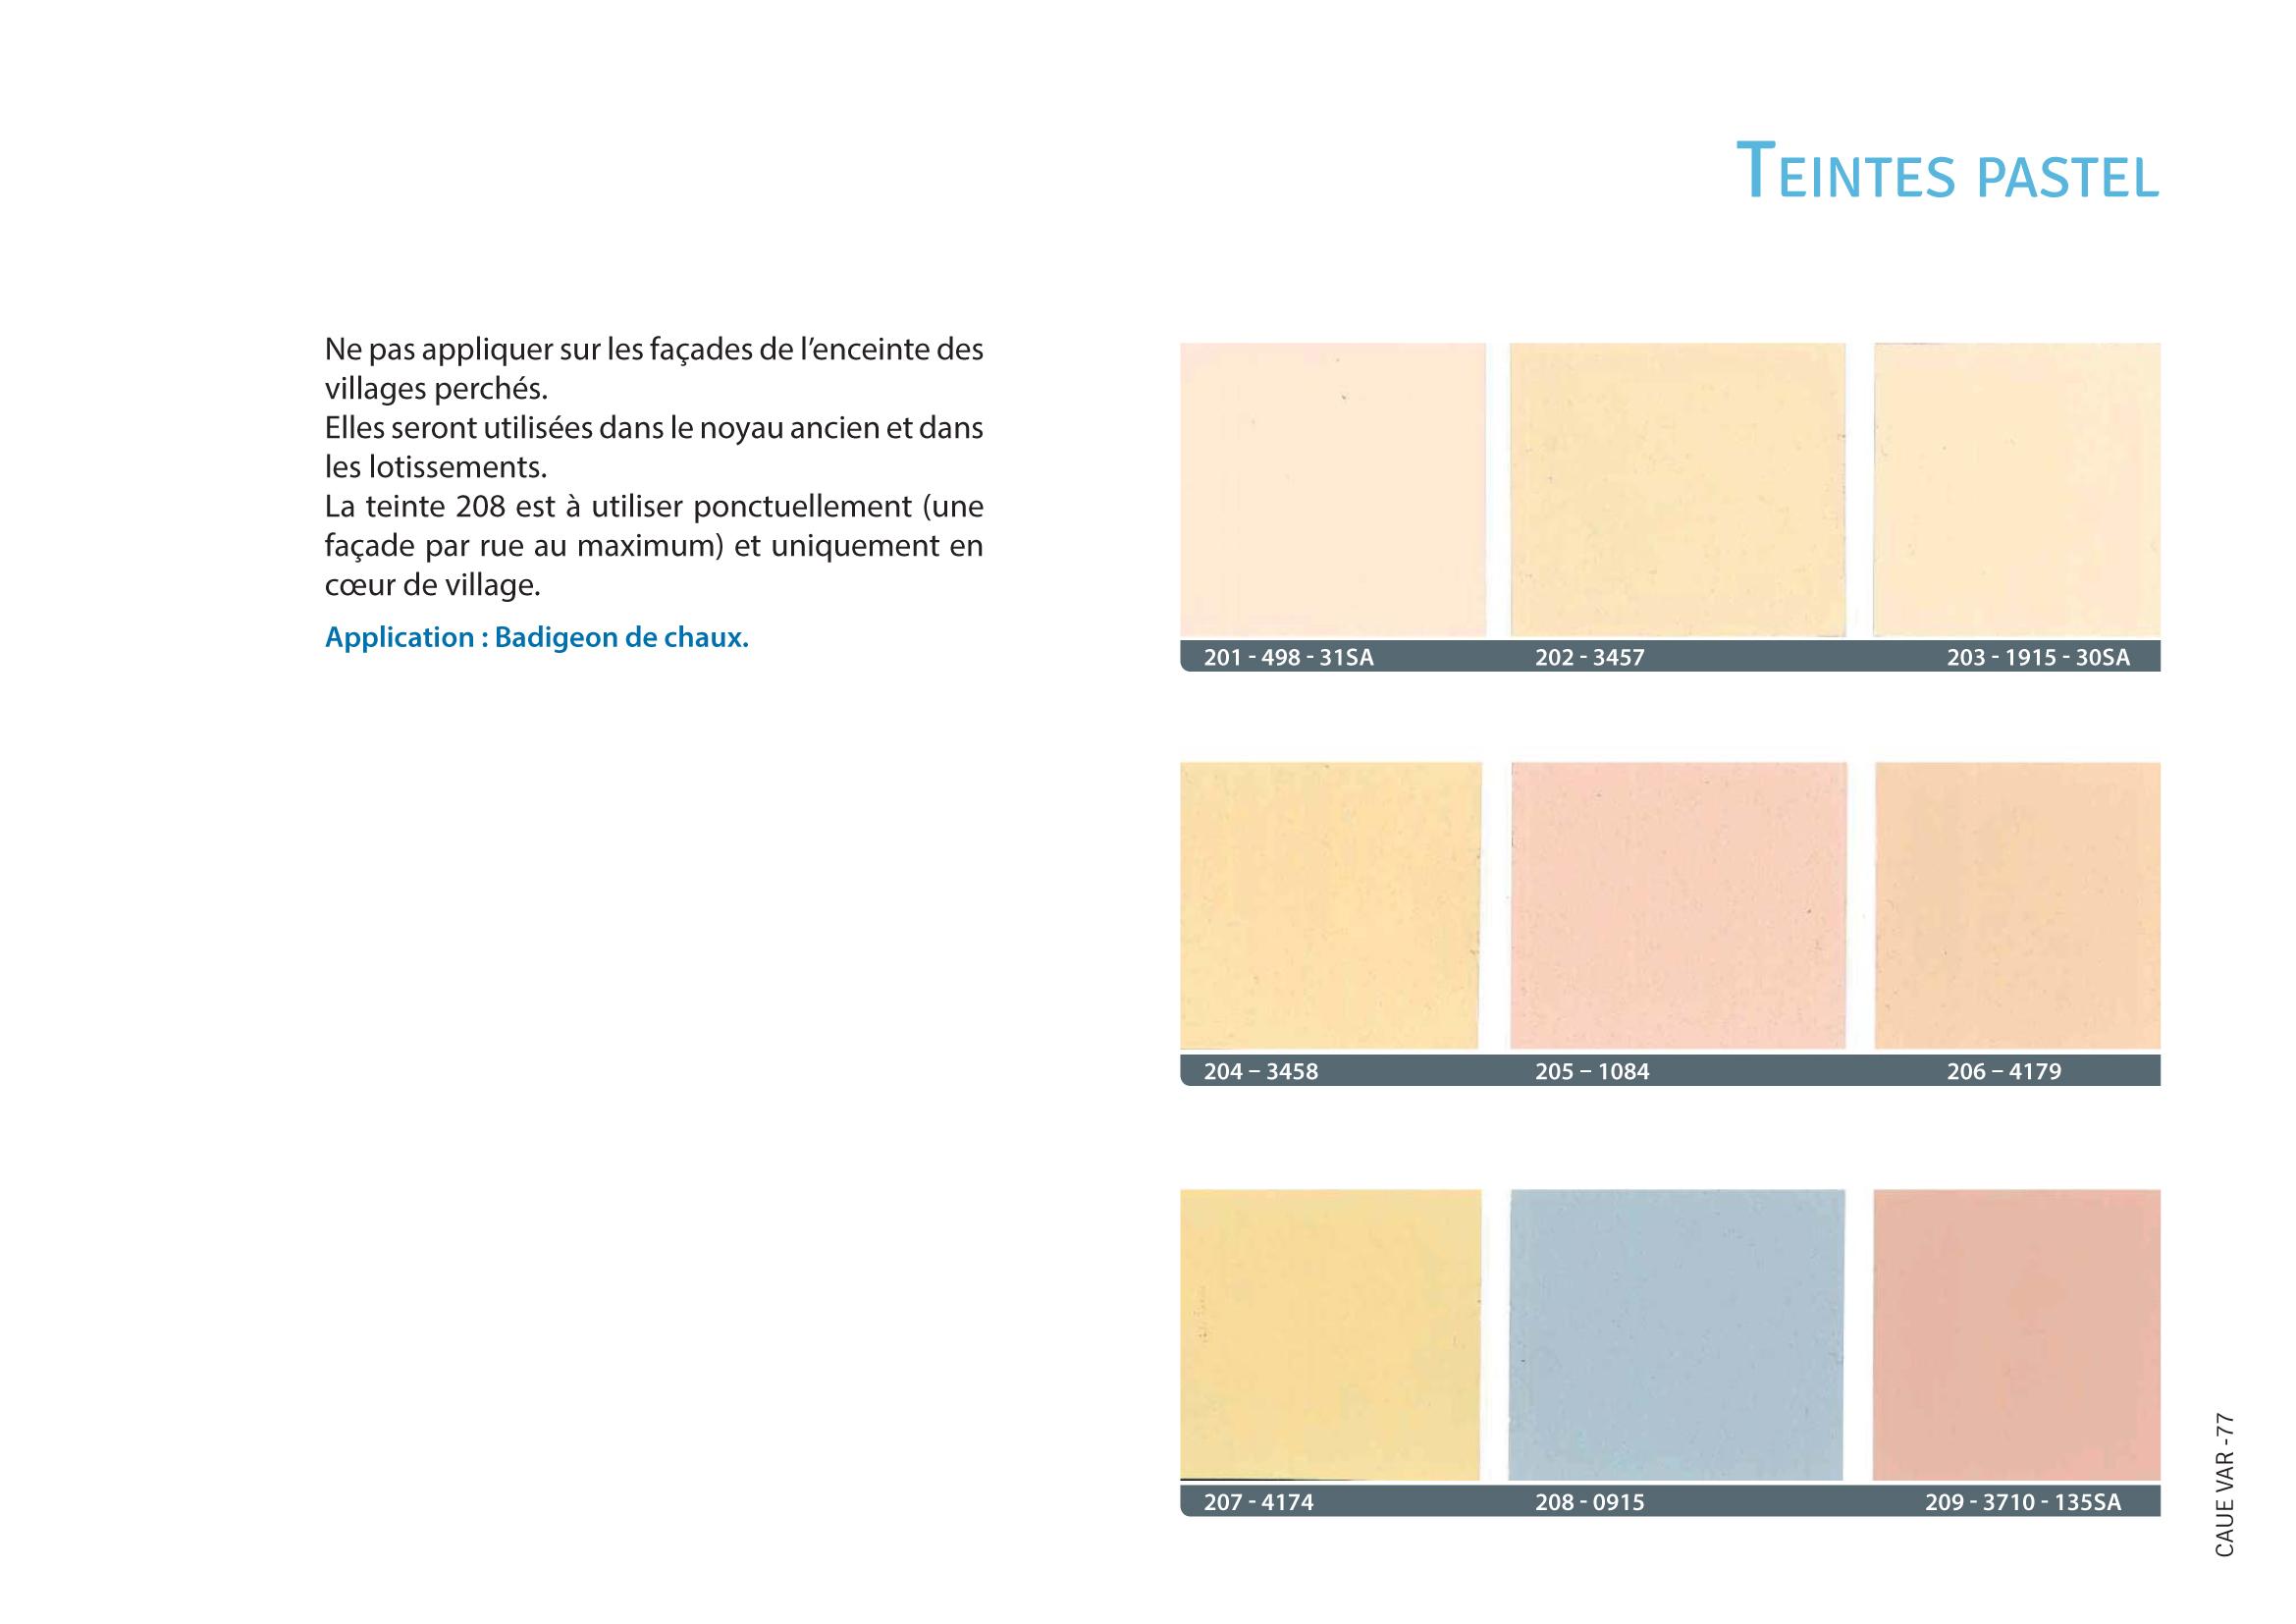 04_teintes_pastel-jpg